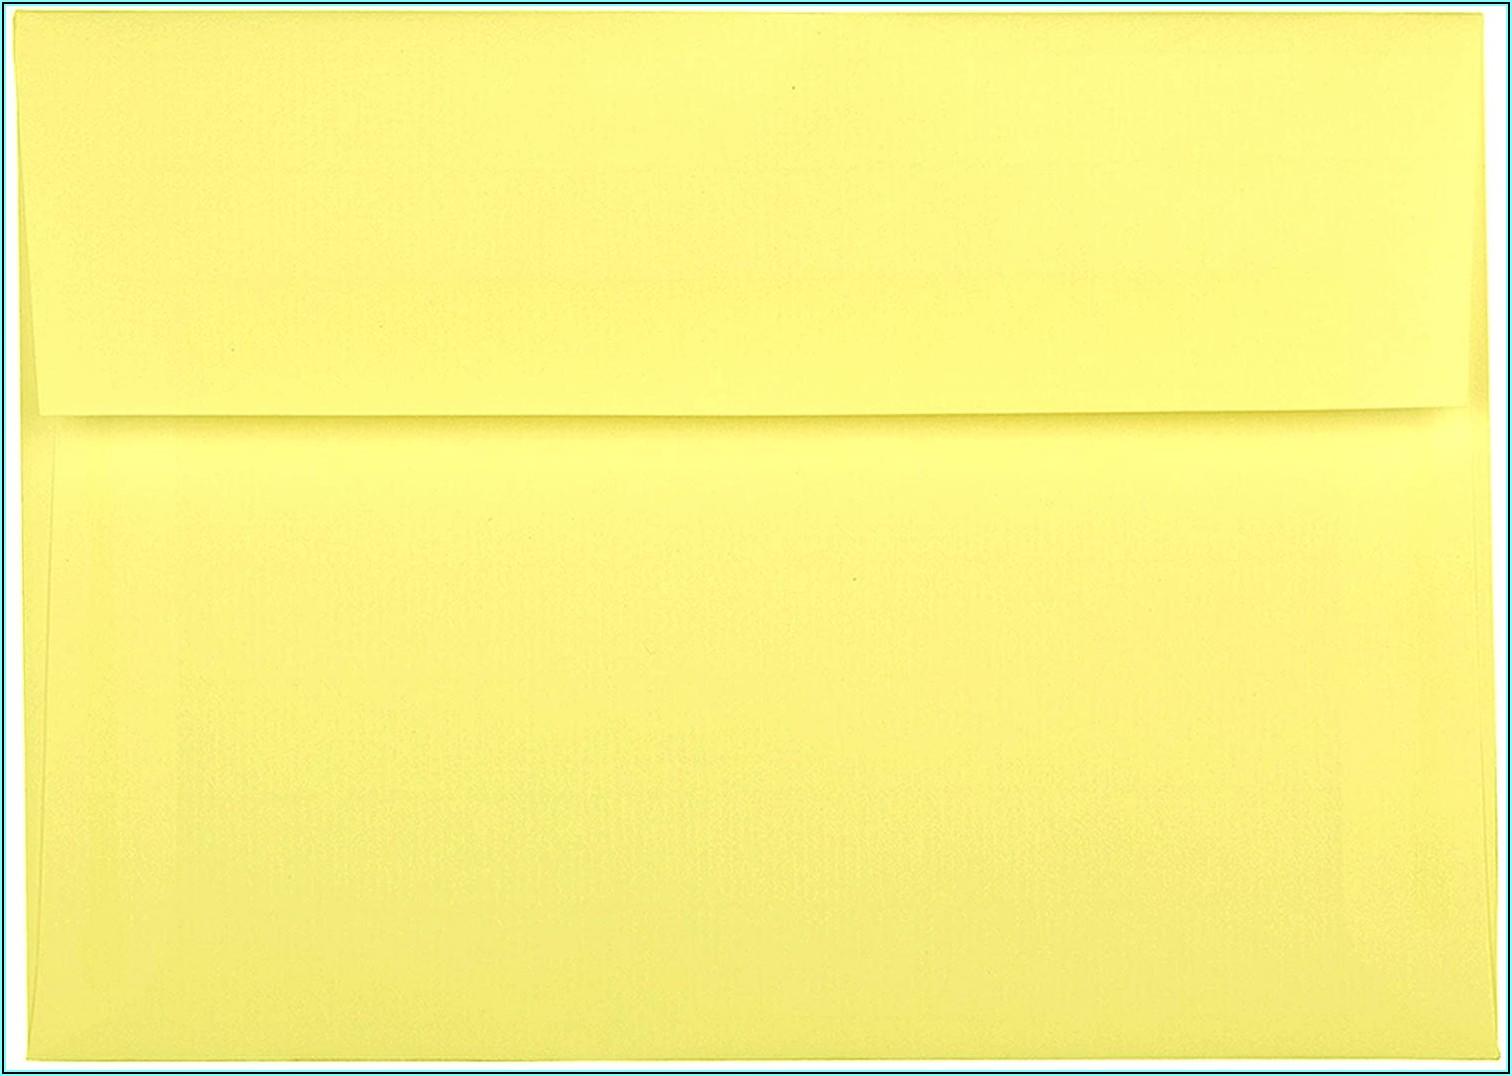 A2 Envelope Enclosure Size